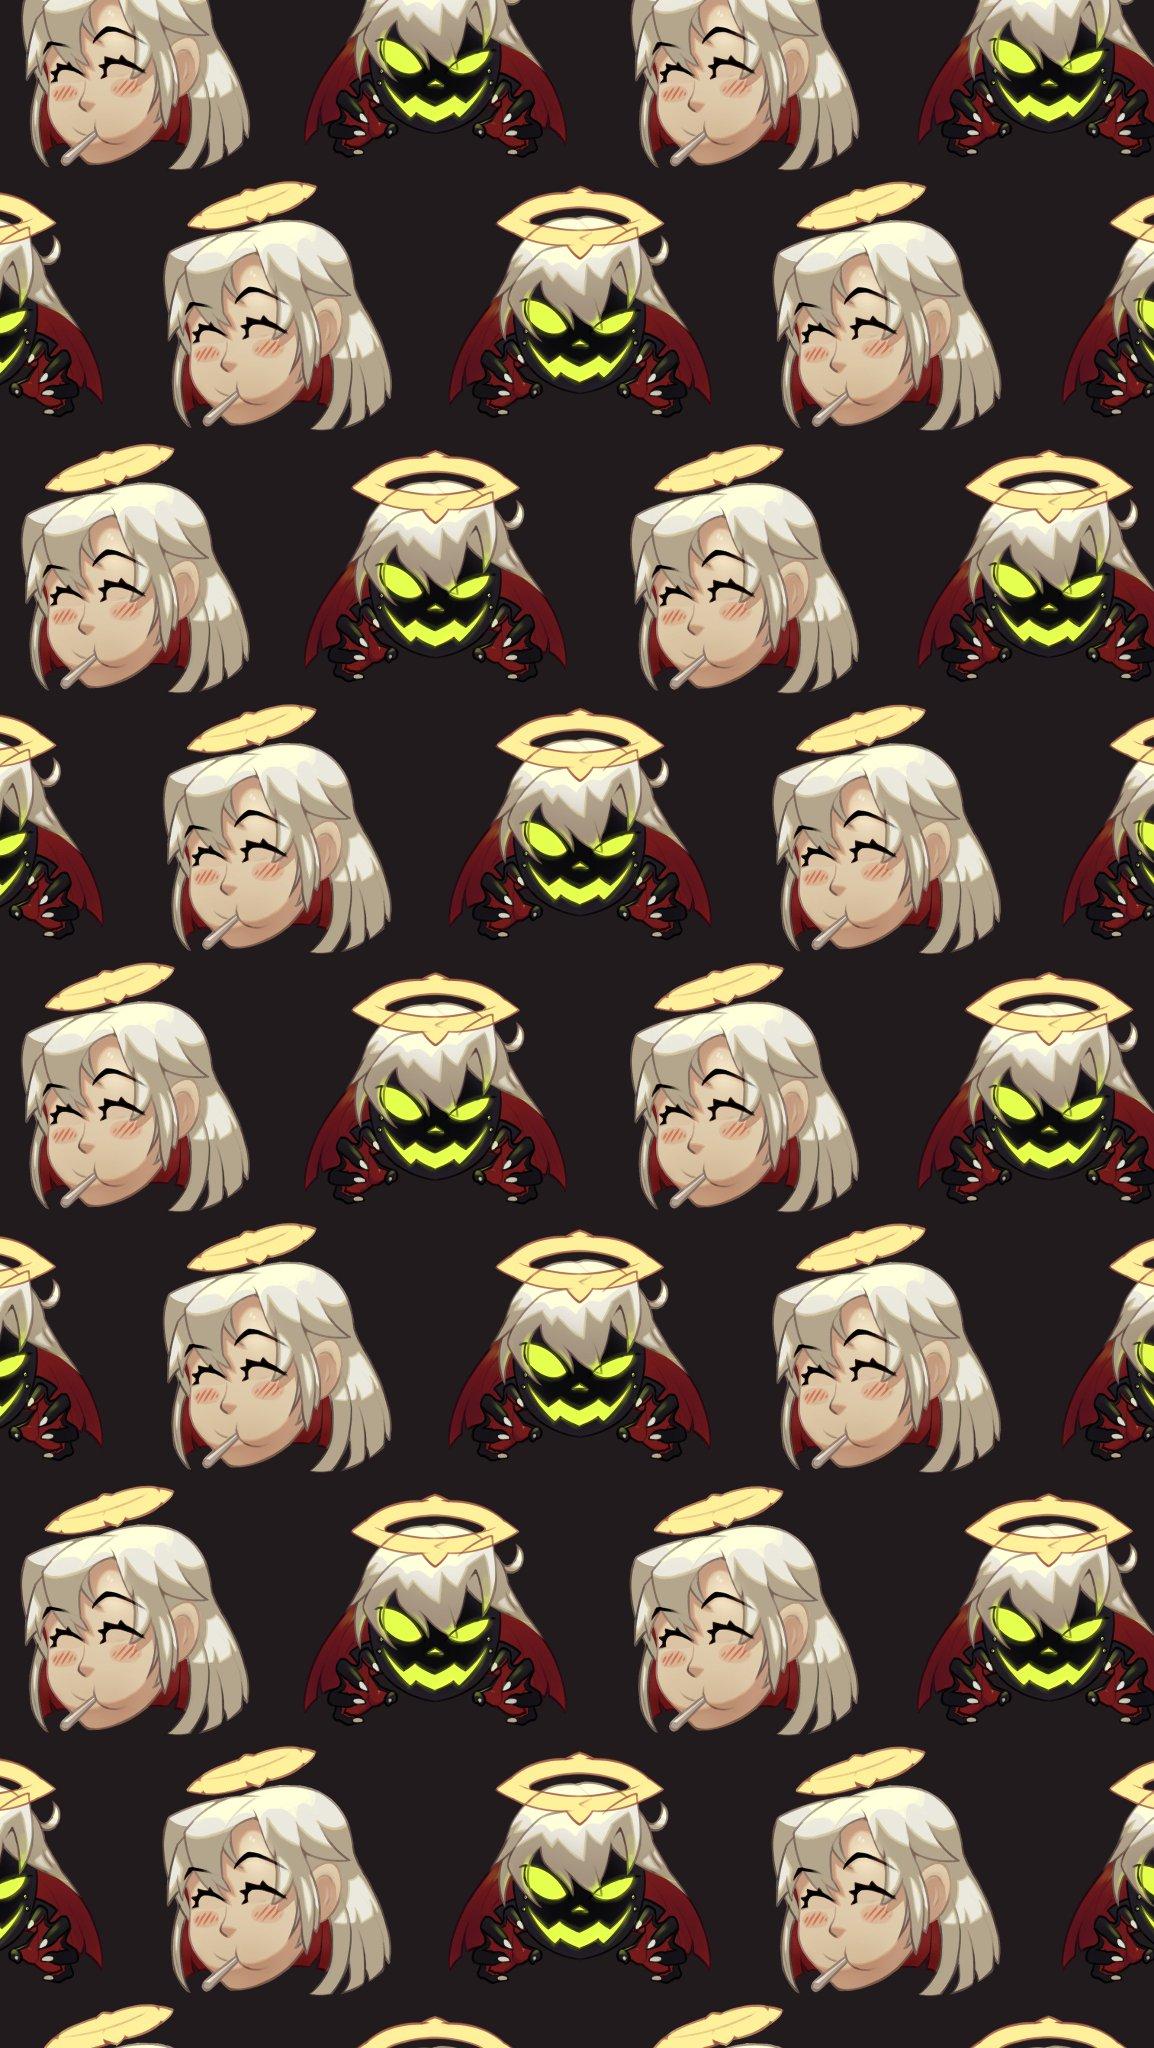 Oosoart Comm 1 3 On Twitter Jack O From Guilty Gear Wallpaper